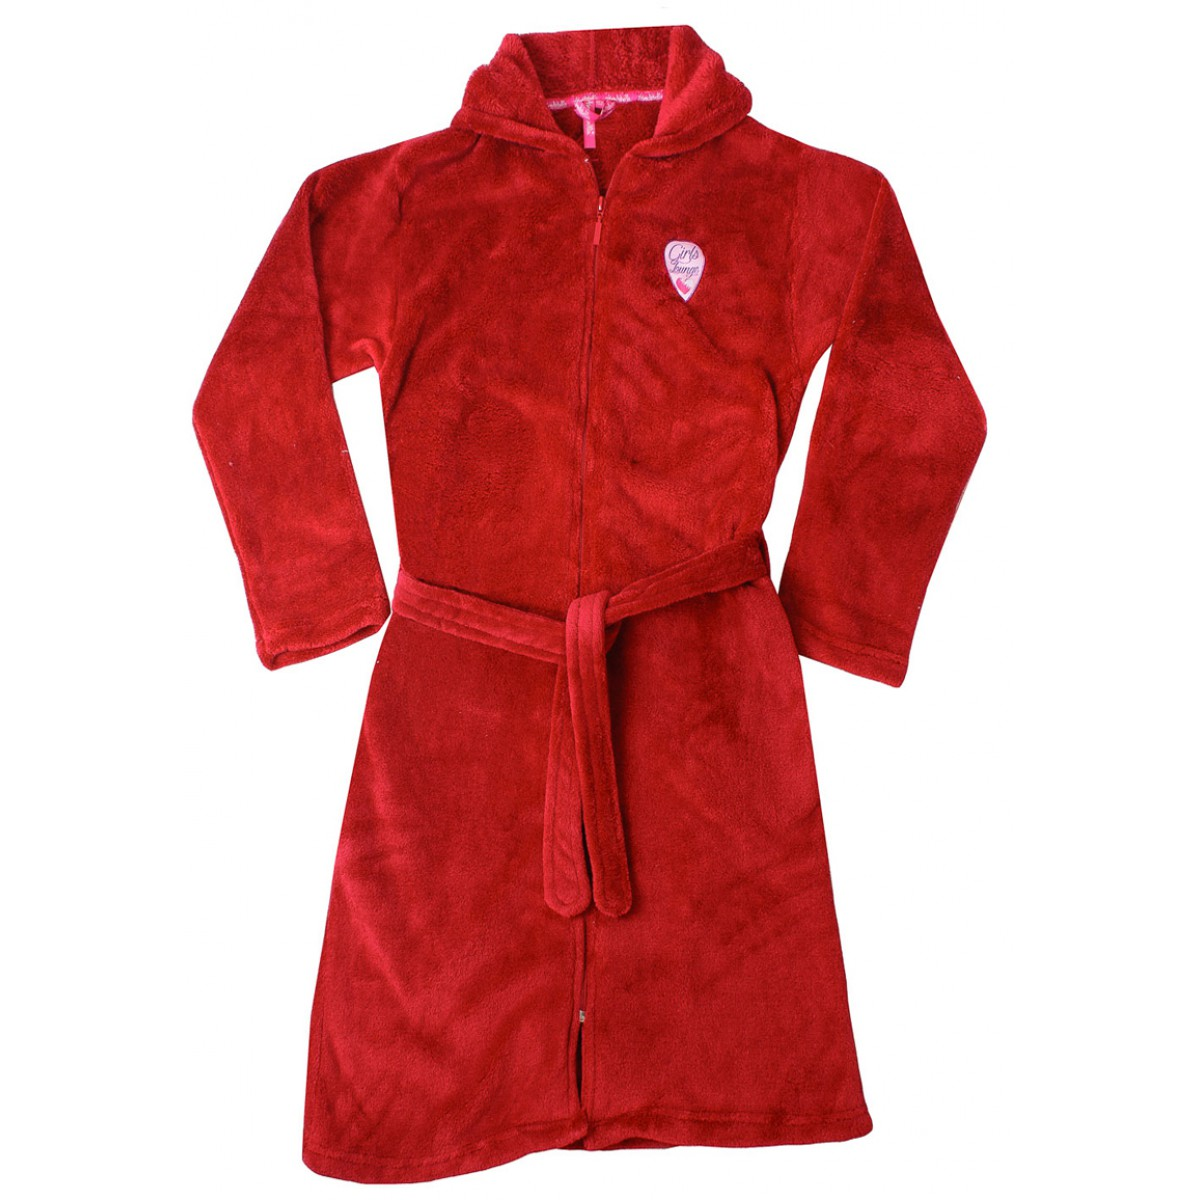 Rode kinderbadjas met rits